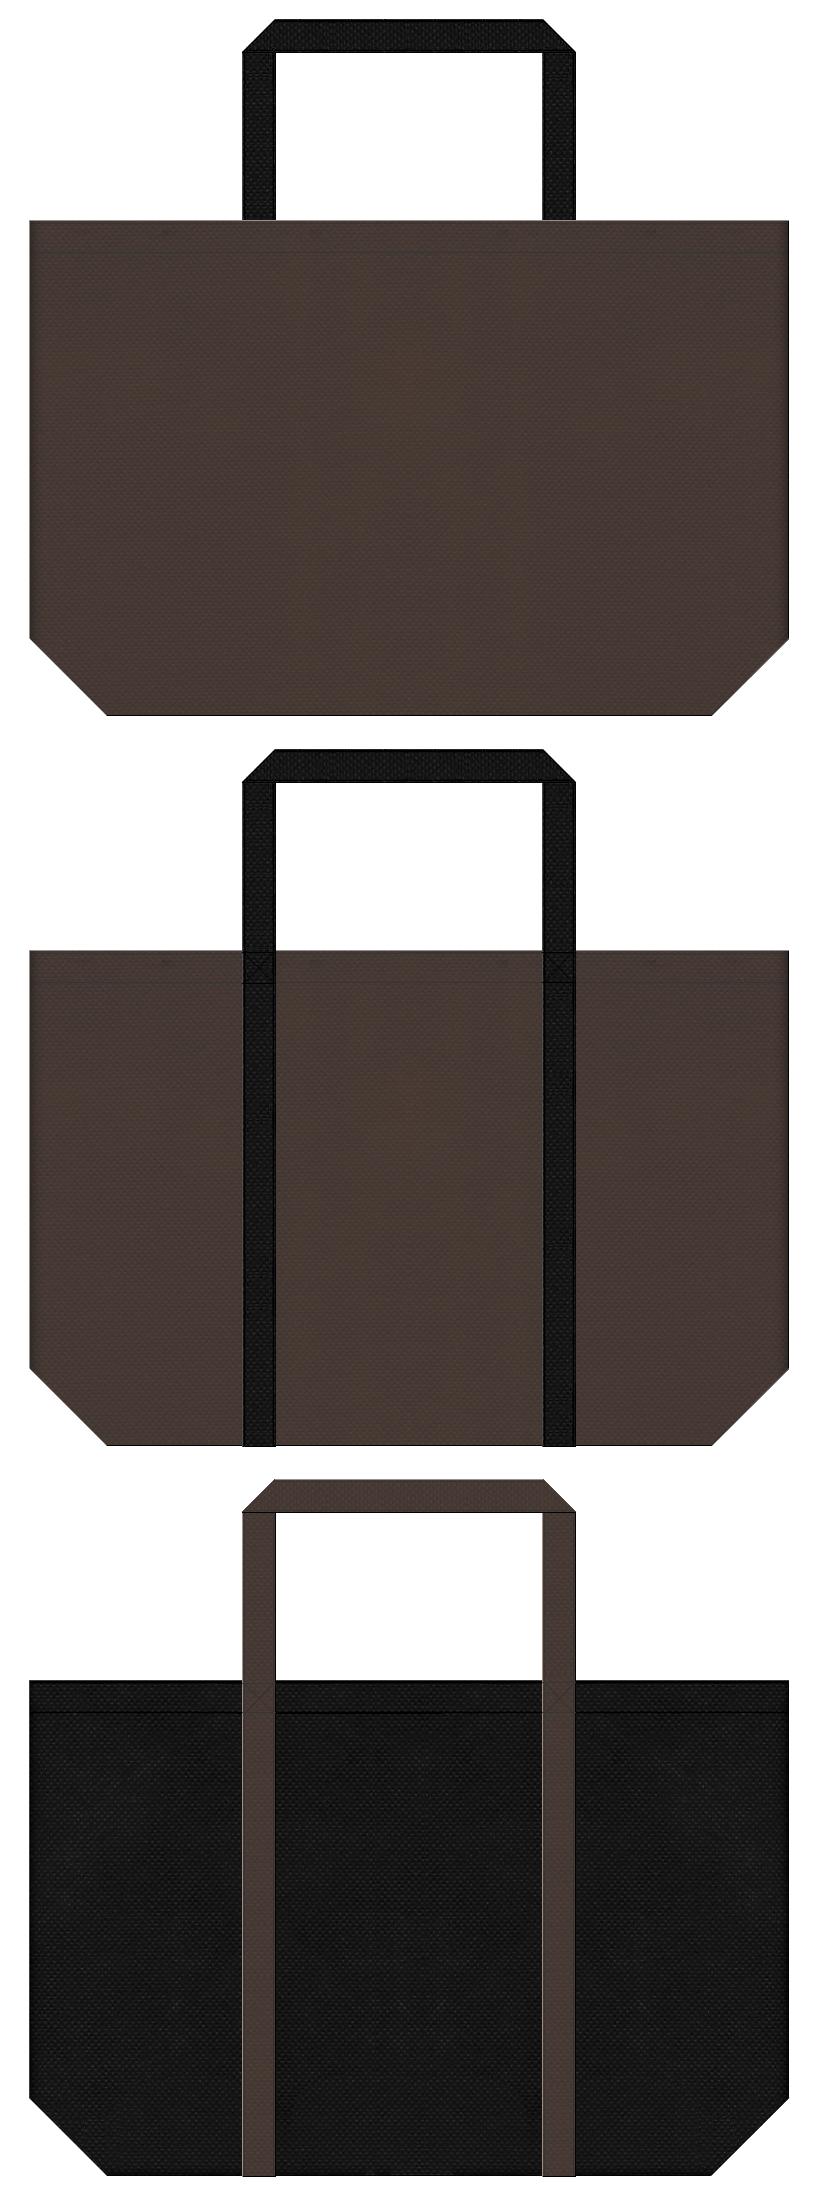 忍者・ホラーゲームのバッグノベルティにお奨めのコーデ。こげ茶色と黒色の不織布バッグデザイン。